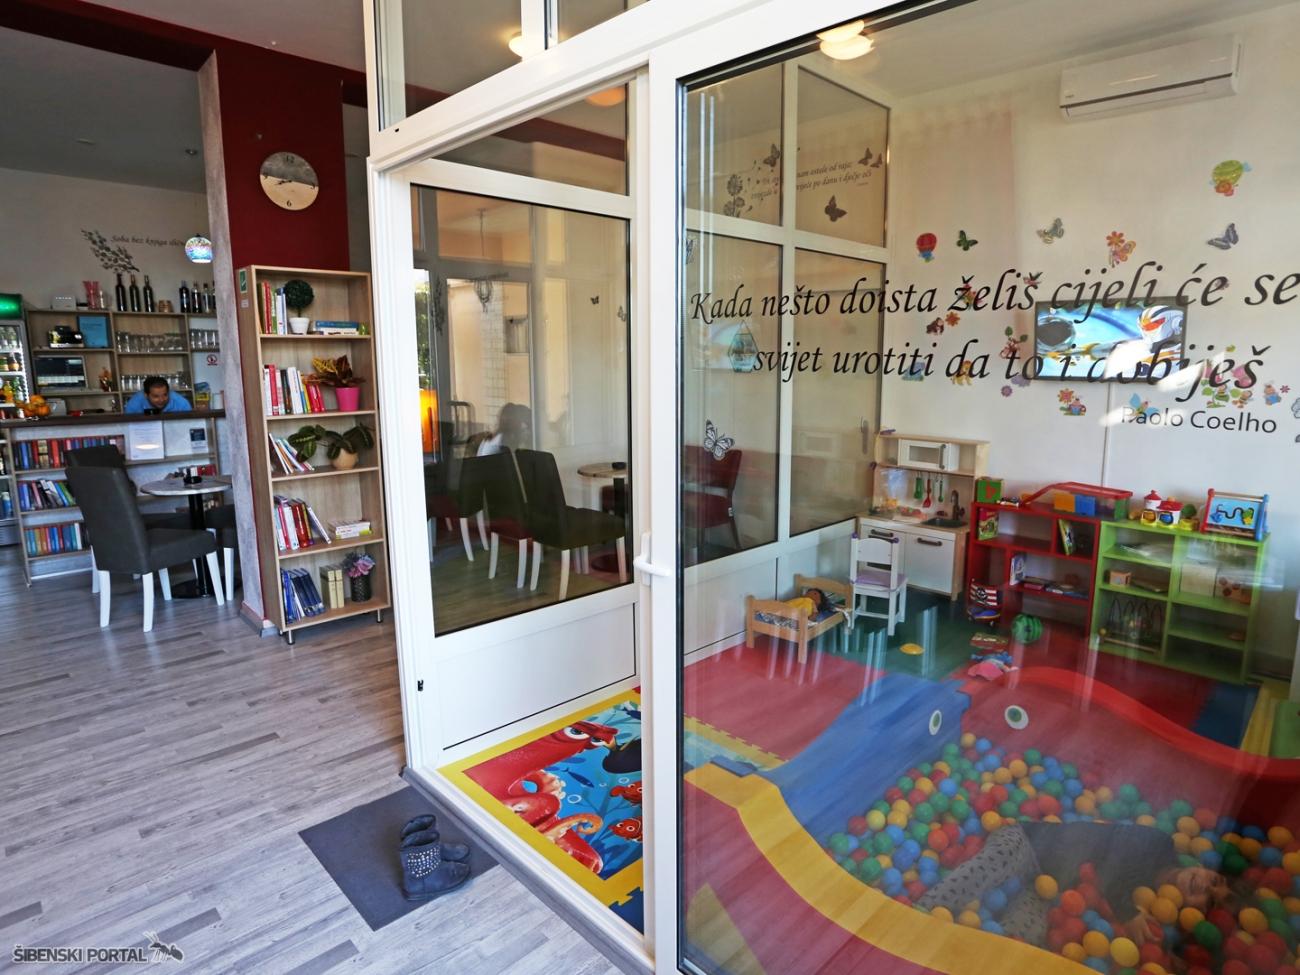 book caffe legen vidici 070917 16